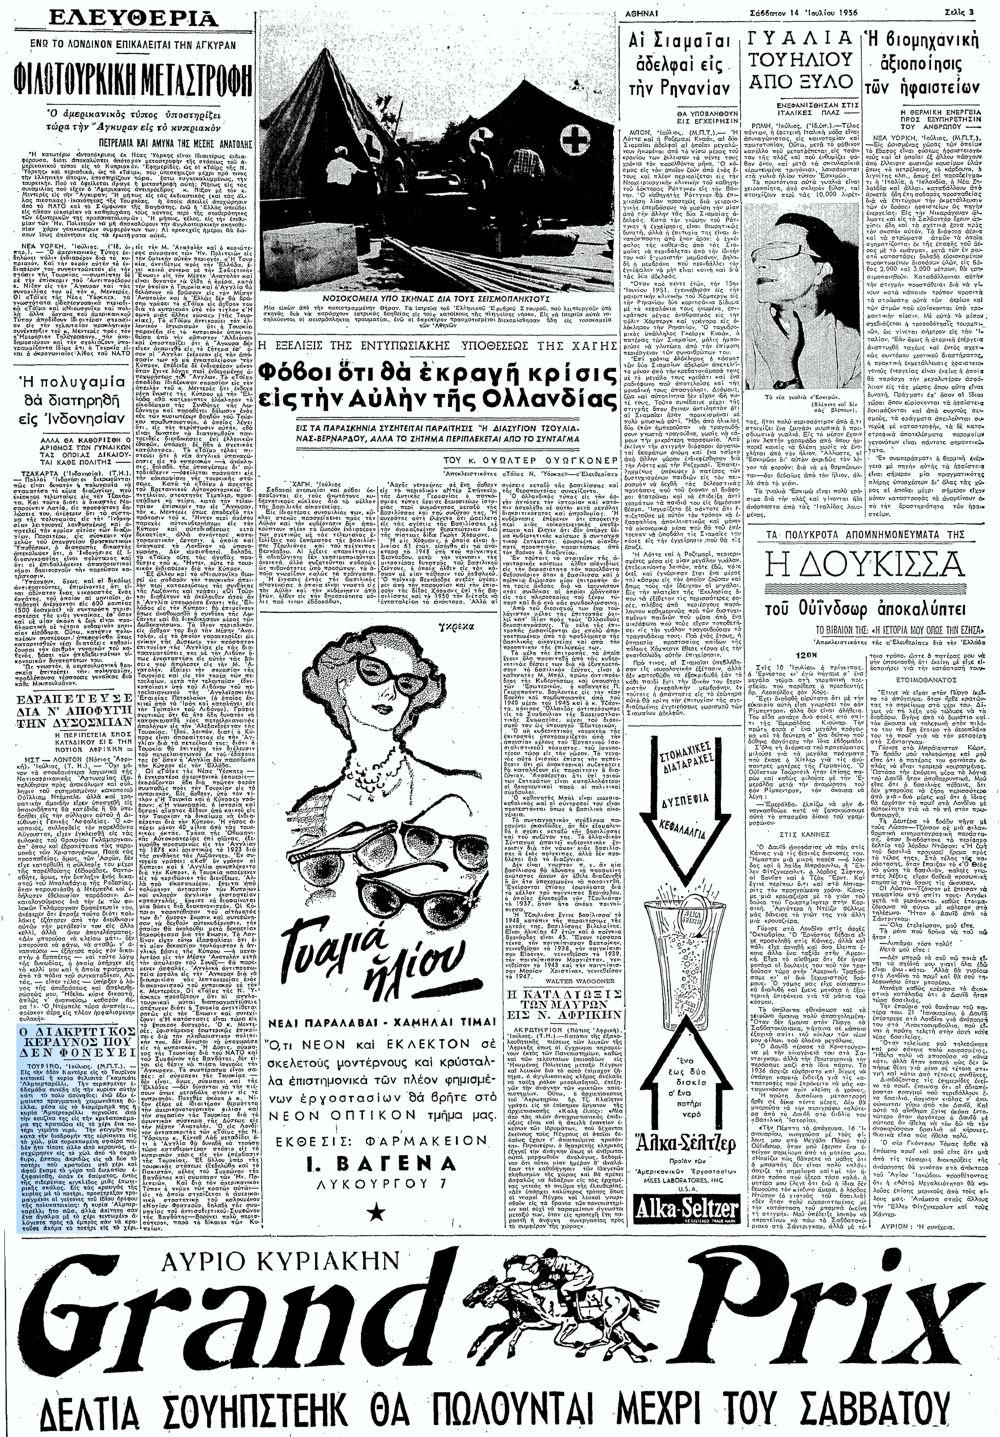 """Το άρθρο, όπως δημοσιεύθηκε στην εφημερίδα """"ΕΛΕΥΘΕΡΙΑ"""", στις 14/07/1956"""